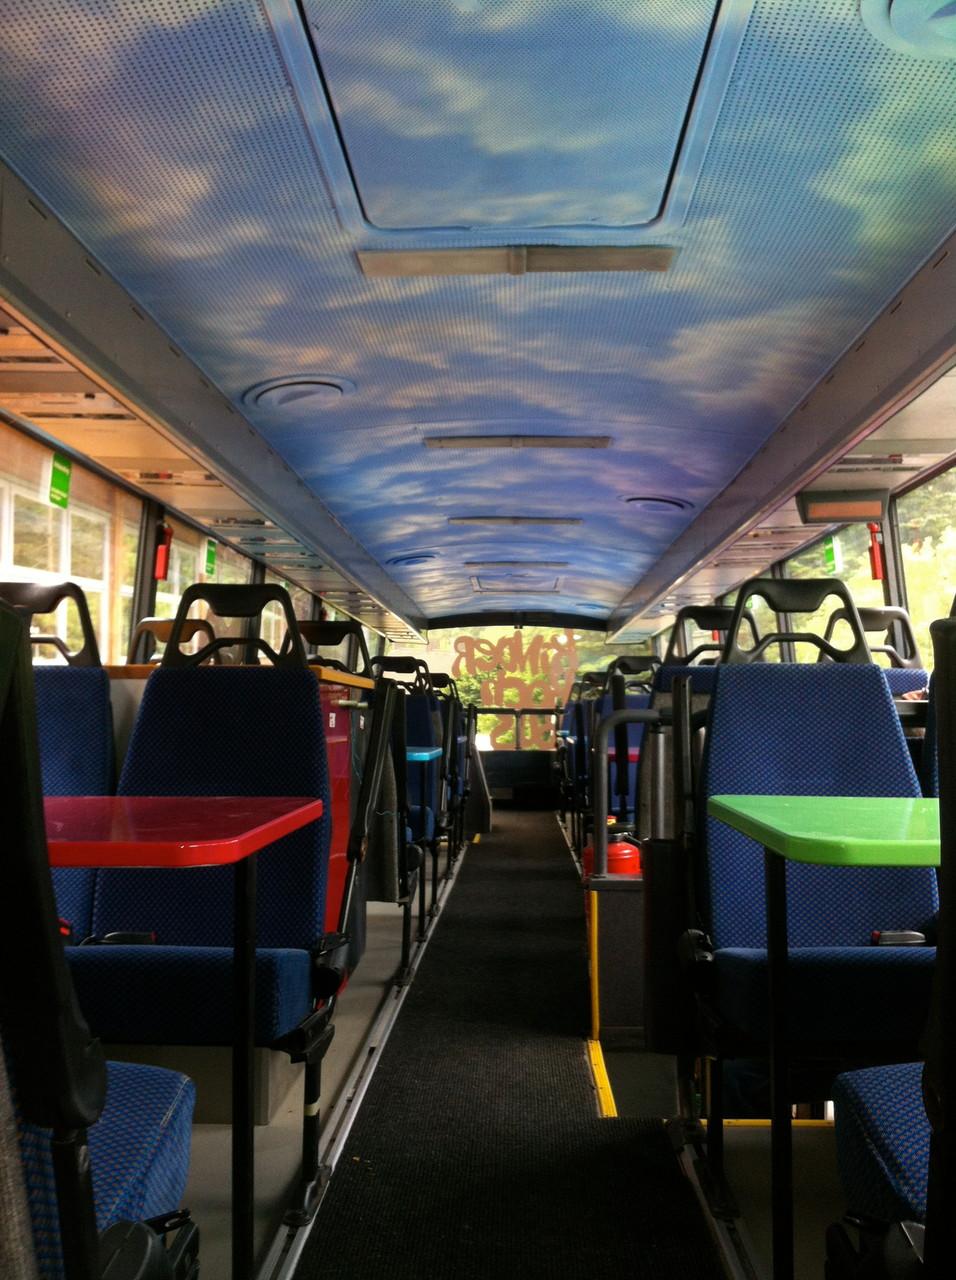 Himmelgestaltung in einem Doppeldeckerbus